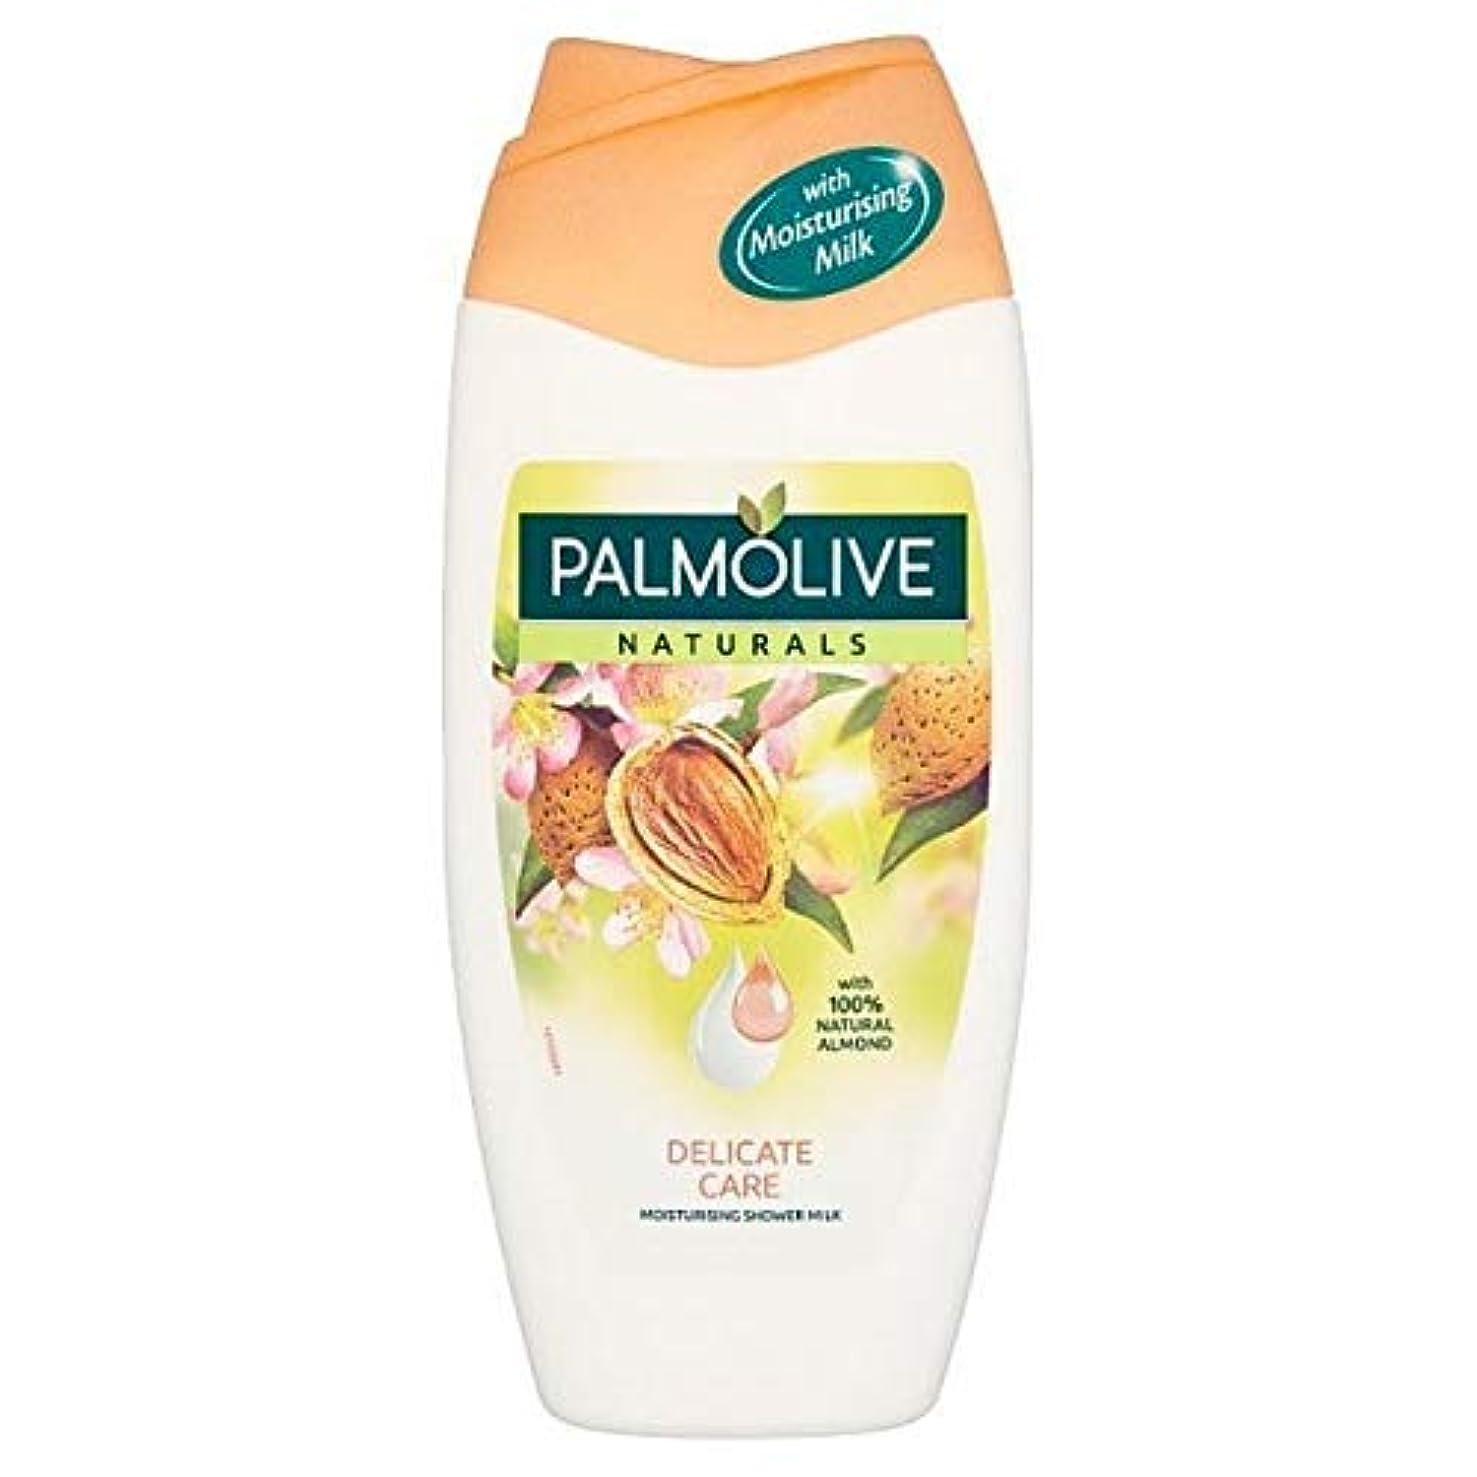 ベール戦う固執[Palmolive ] パルモシャワーミルクアーモンド250ミリリットル - Palmolive Shower Milk Almond 250ml [並行輸入品]